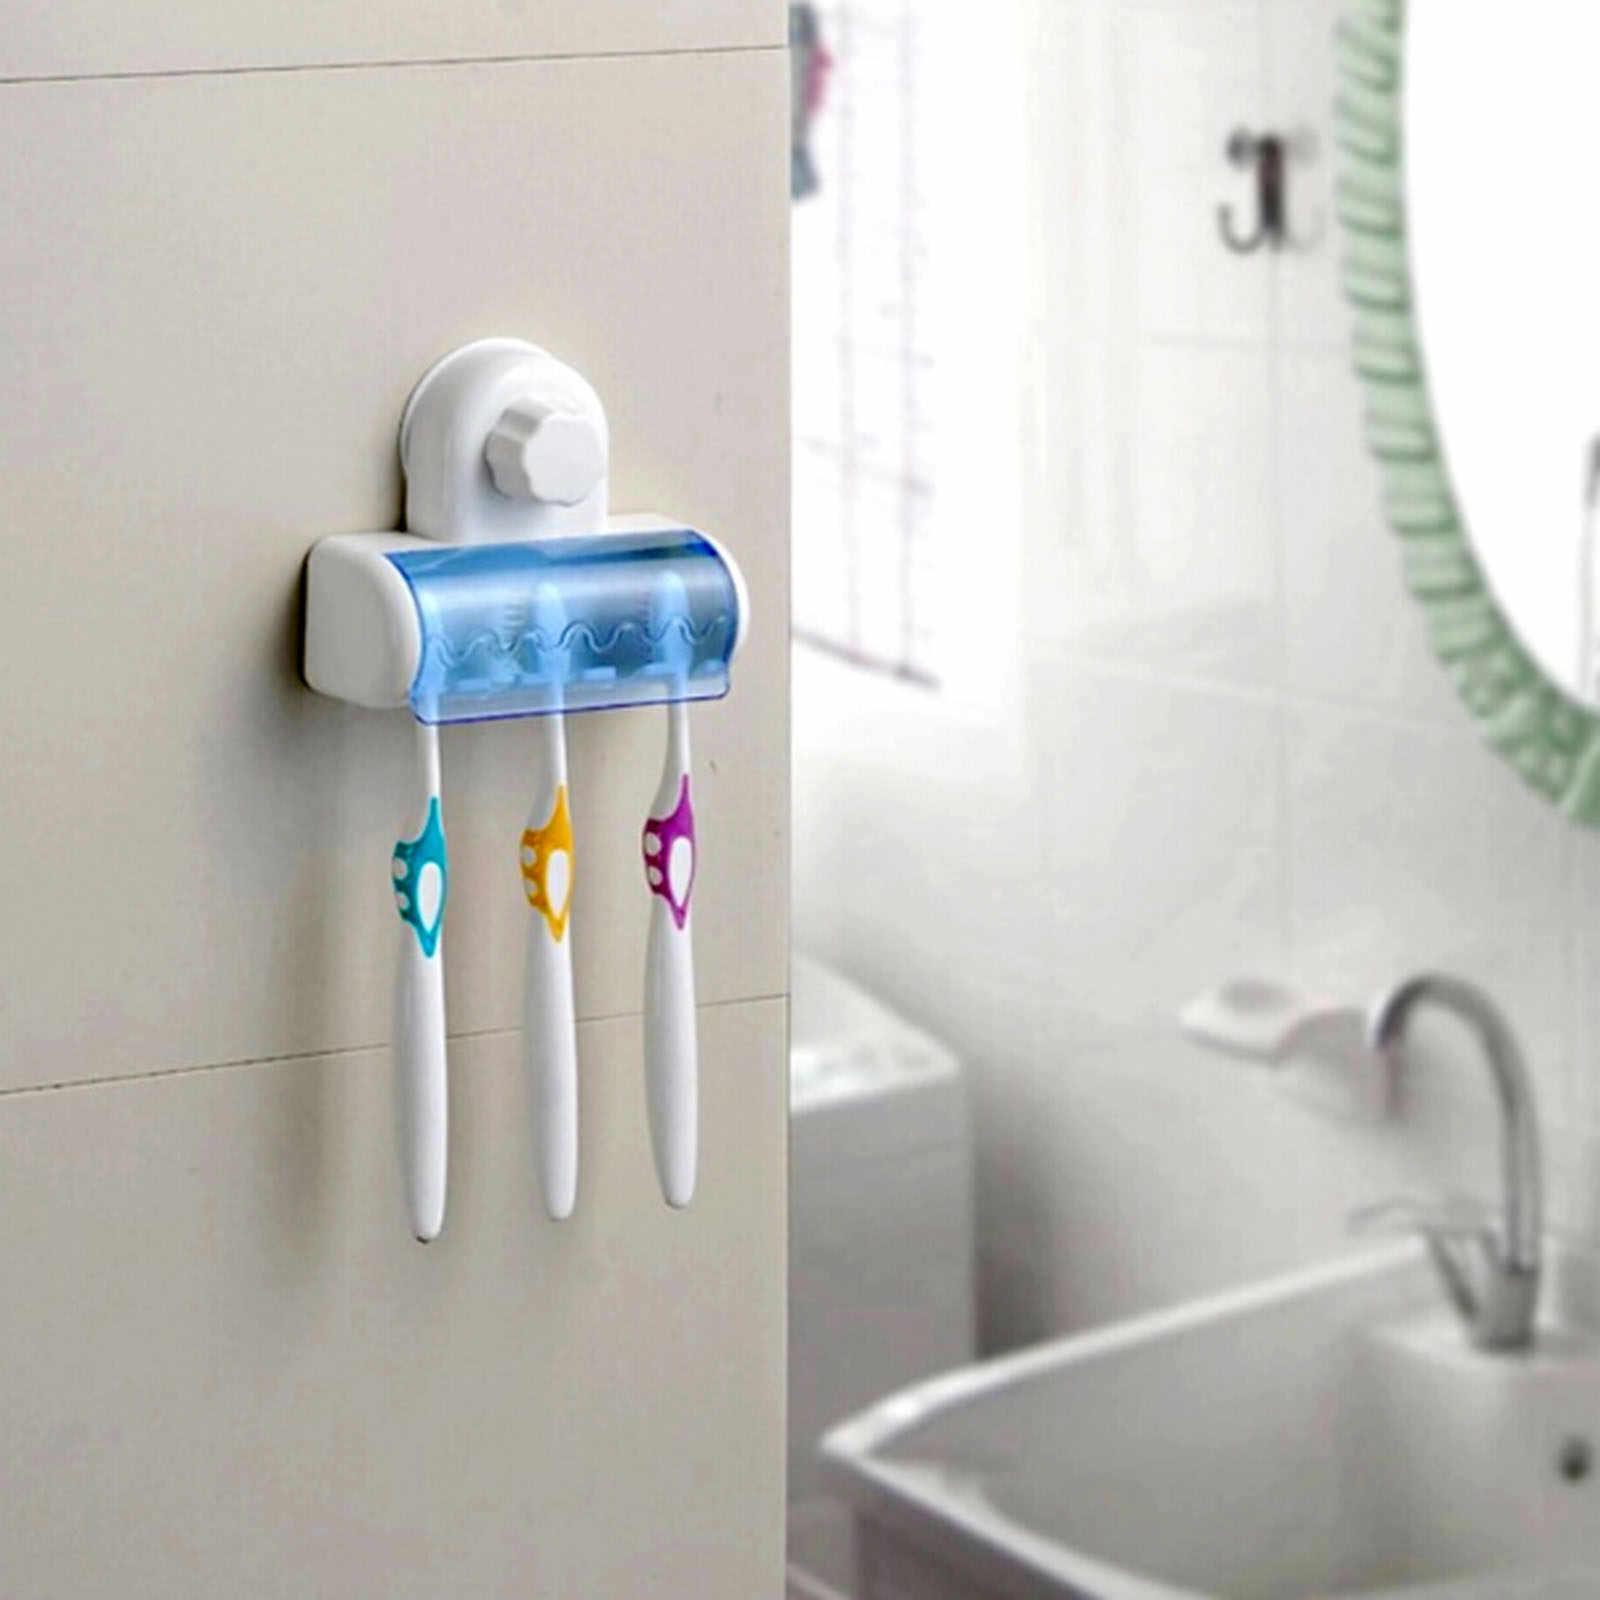 2016 nowy przyssawka do montażu na ścianie łazienka 5 haczyków szczoteczka do zębów SpinBrush stojak uchwyt na